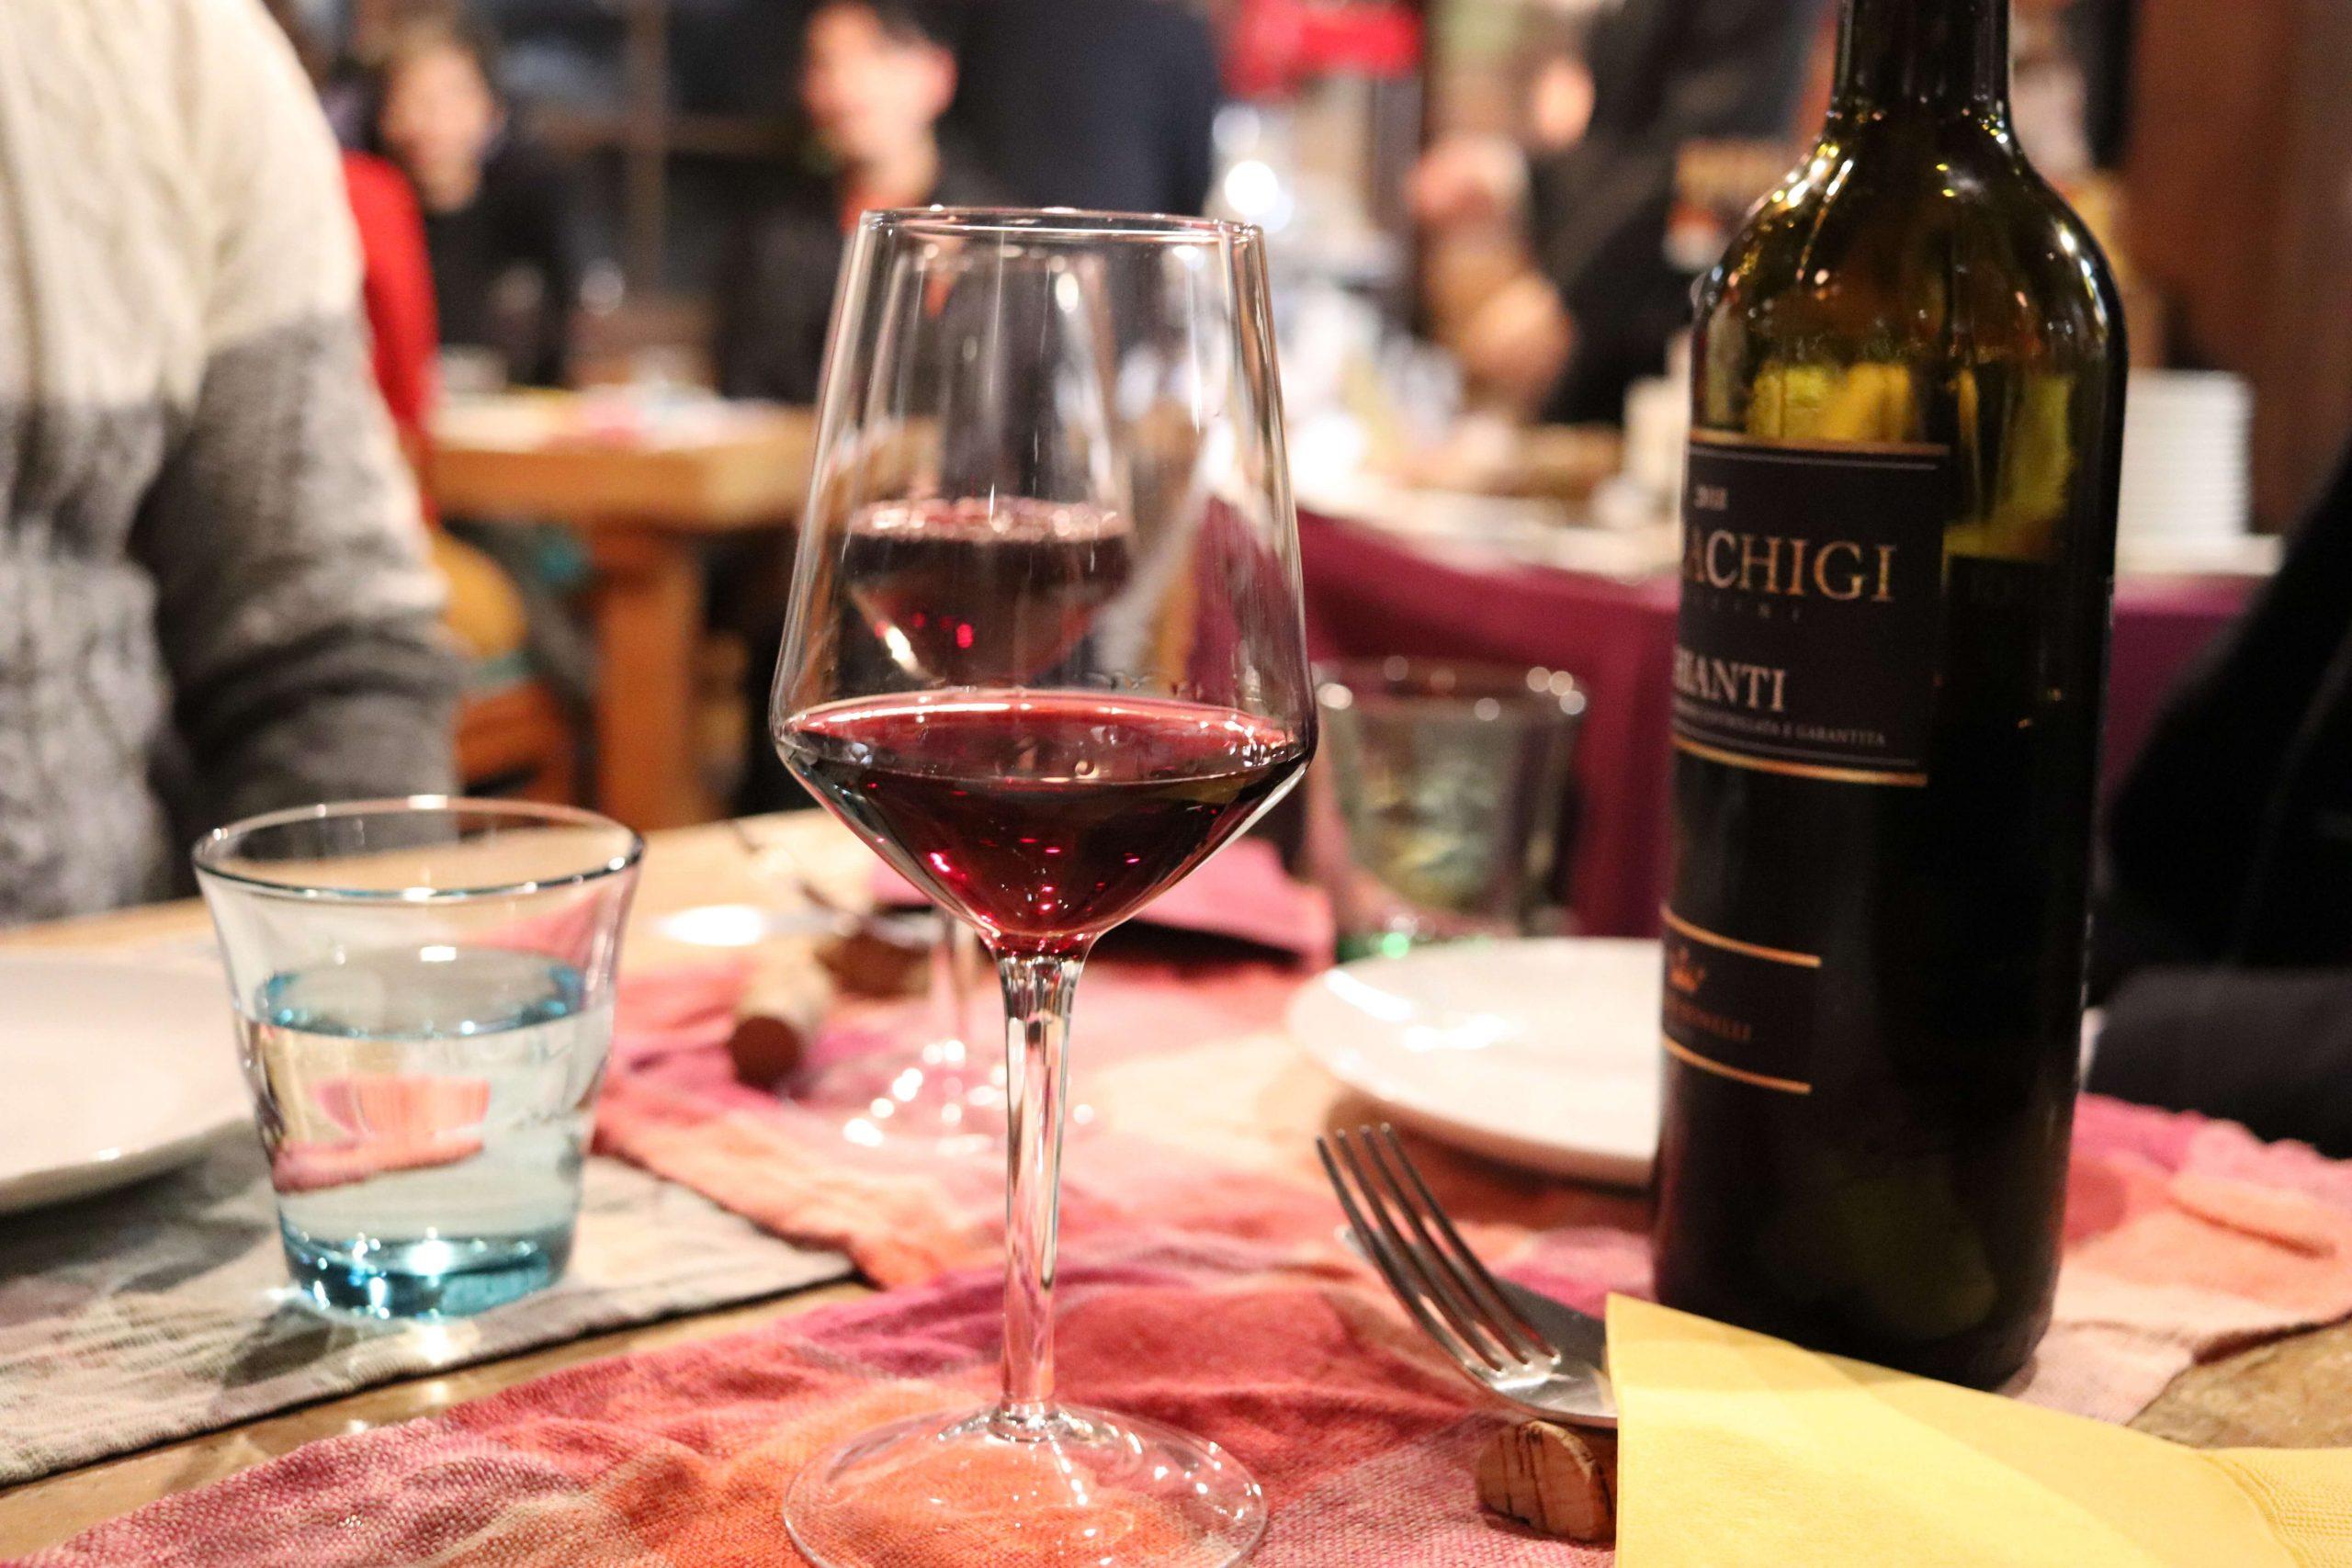 ヴィッラ・デルピーノのワイン